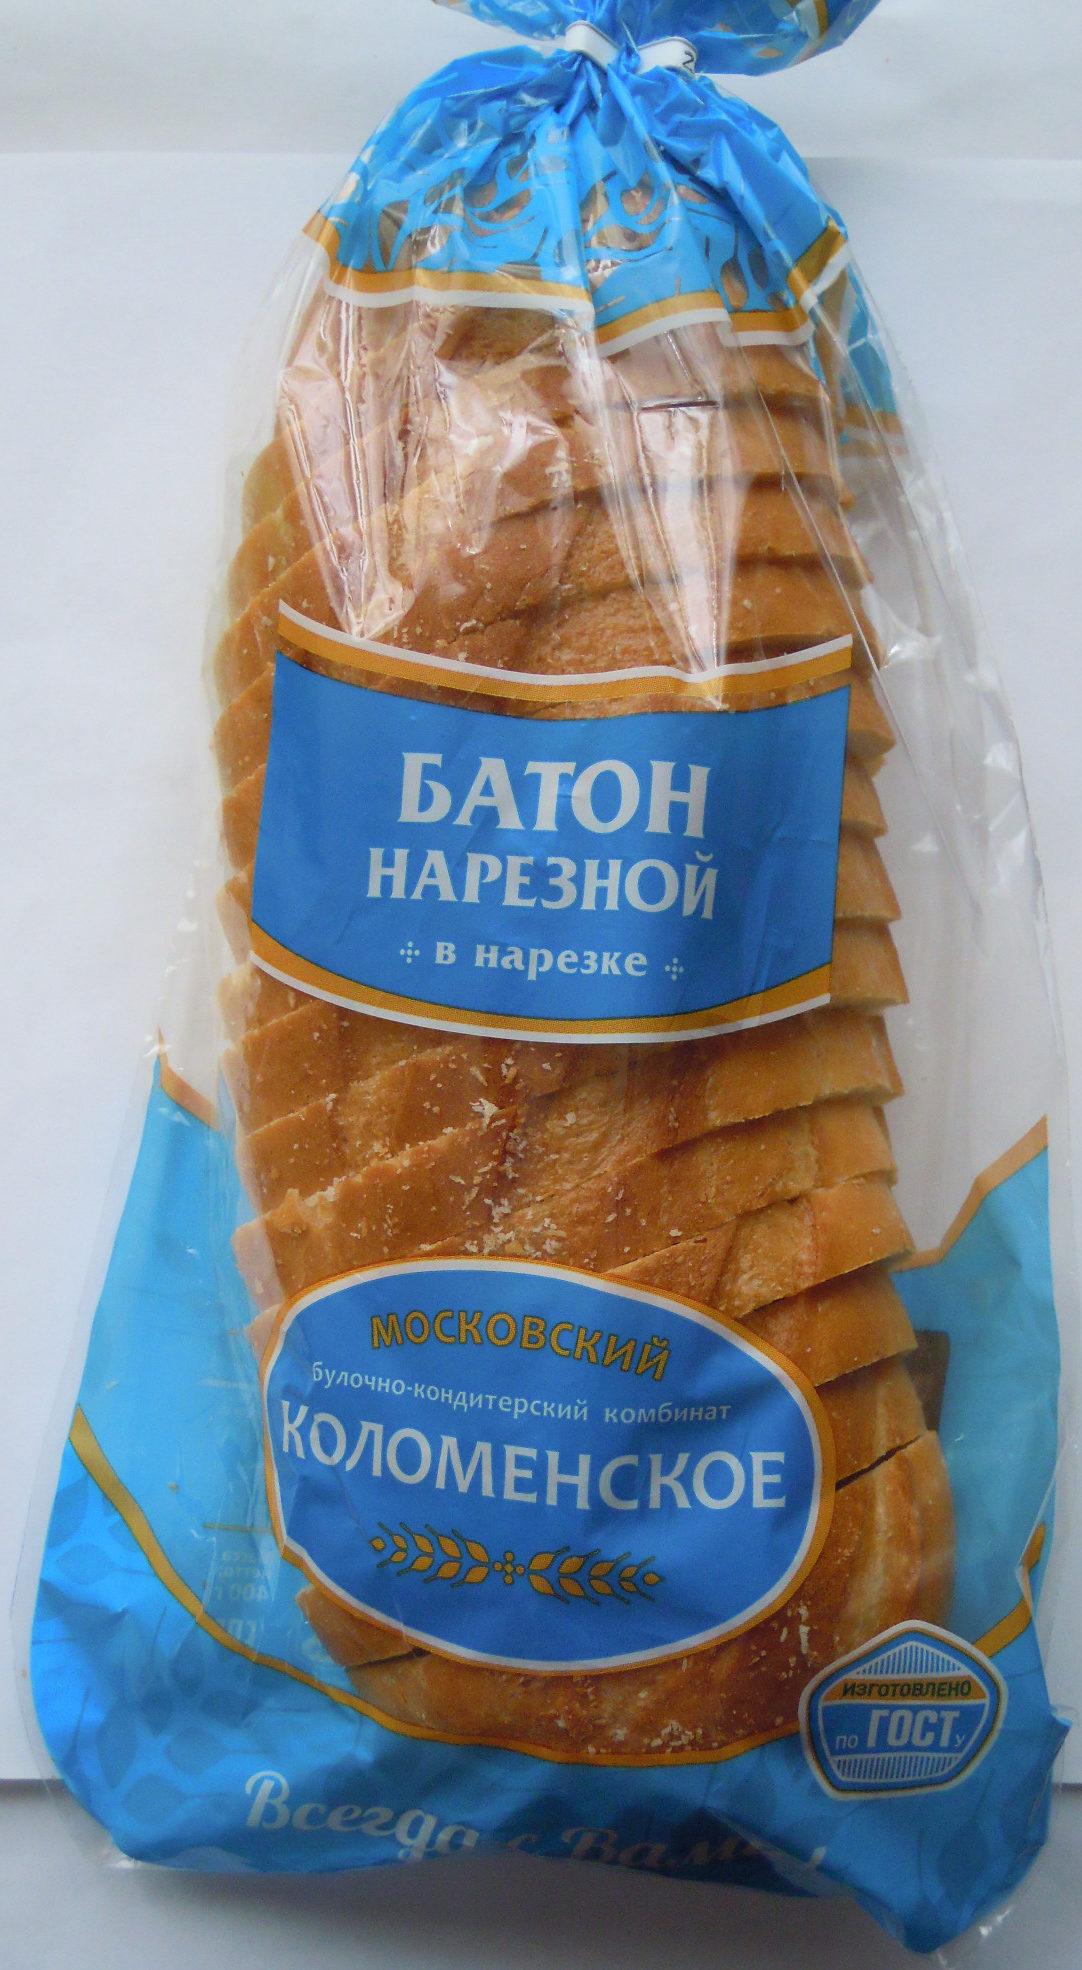 Батон нарезной в нарезке - Product - ru